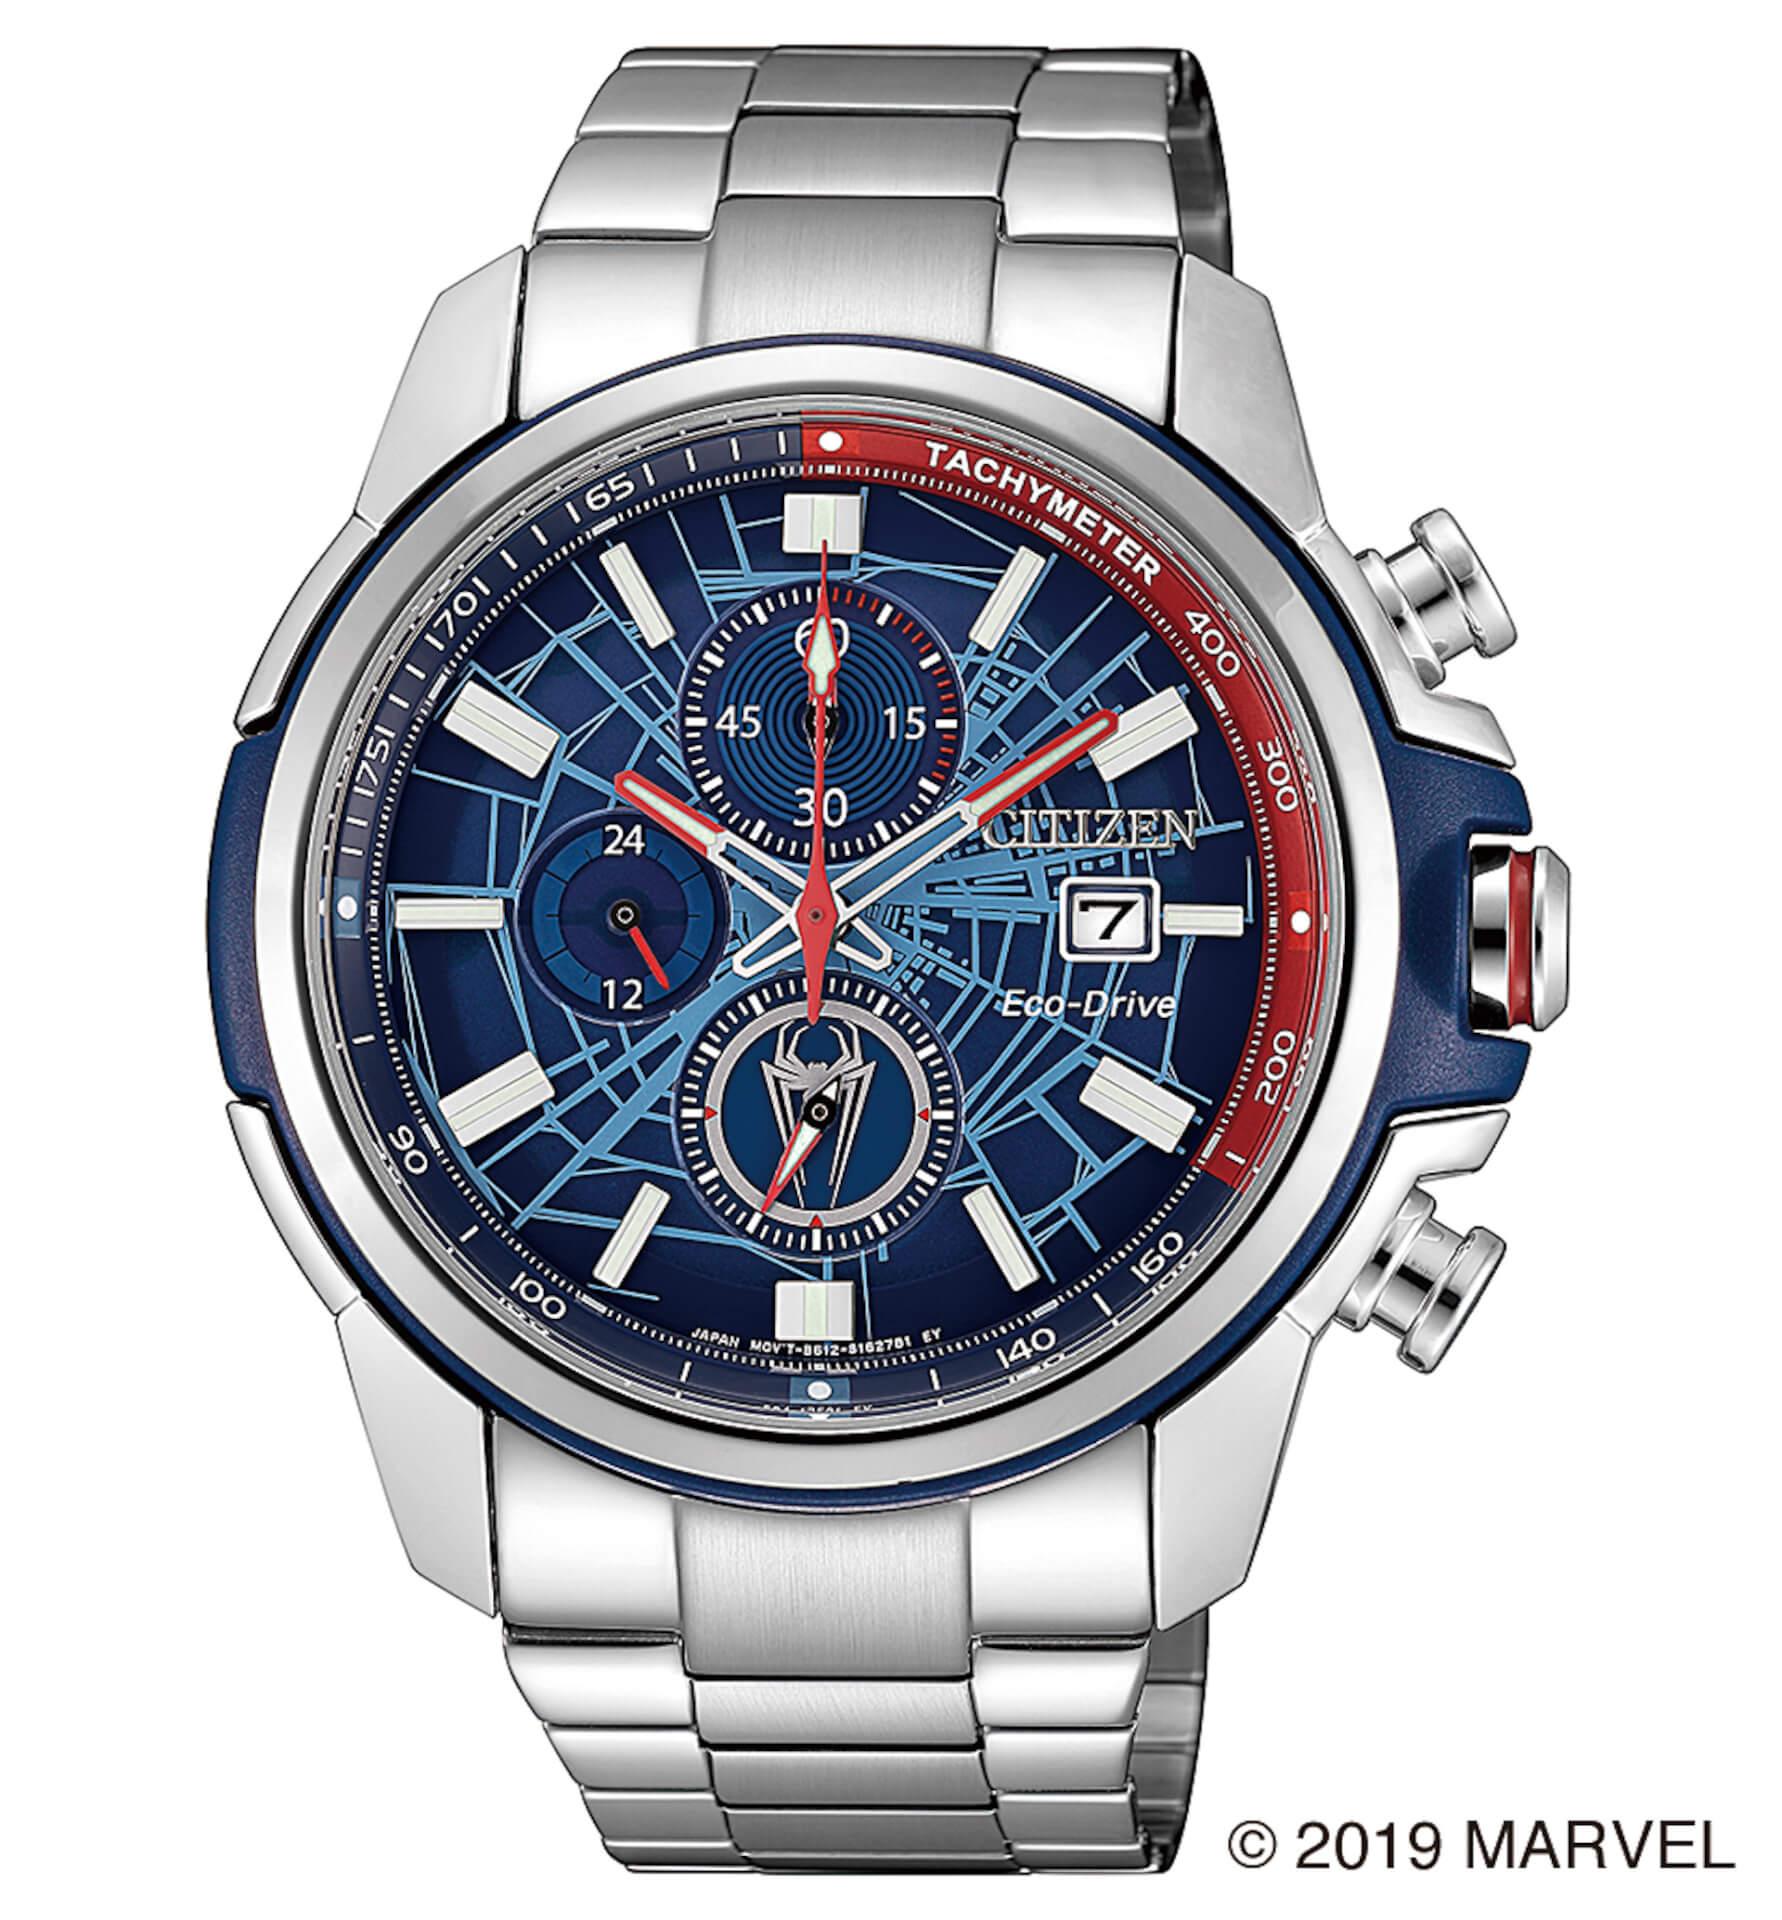 「スパイダーマン」や「キャプテン・アメリカ」が腕時計に!マーベルキャラクターをモチーフにしたシチズン腕時計全9モデルが登場 tech190919_marvel_watch_12